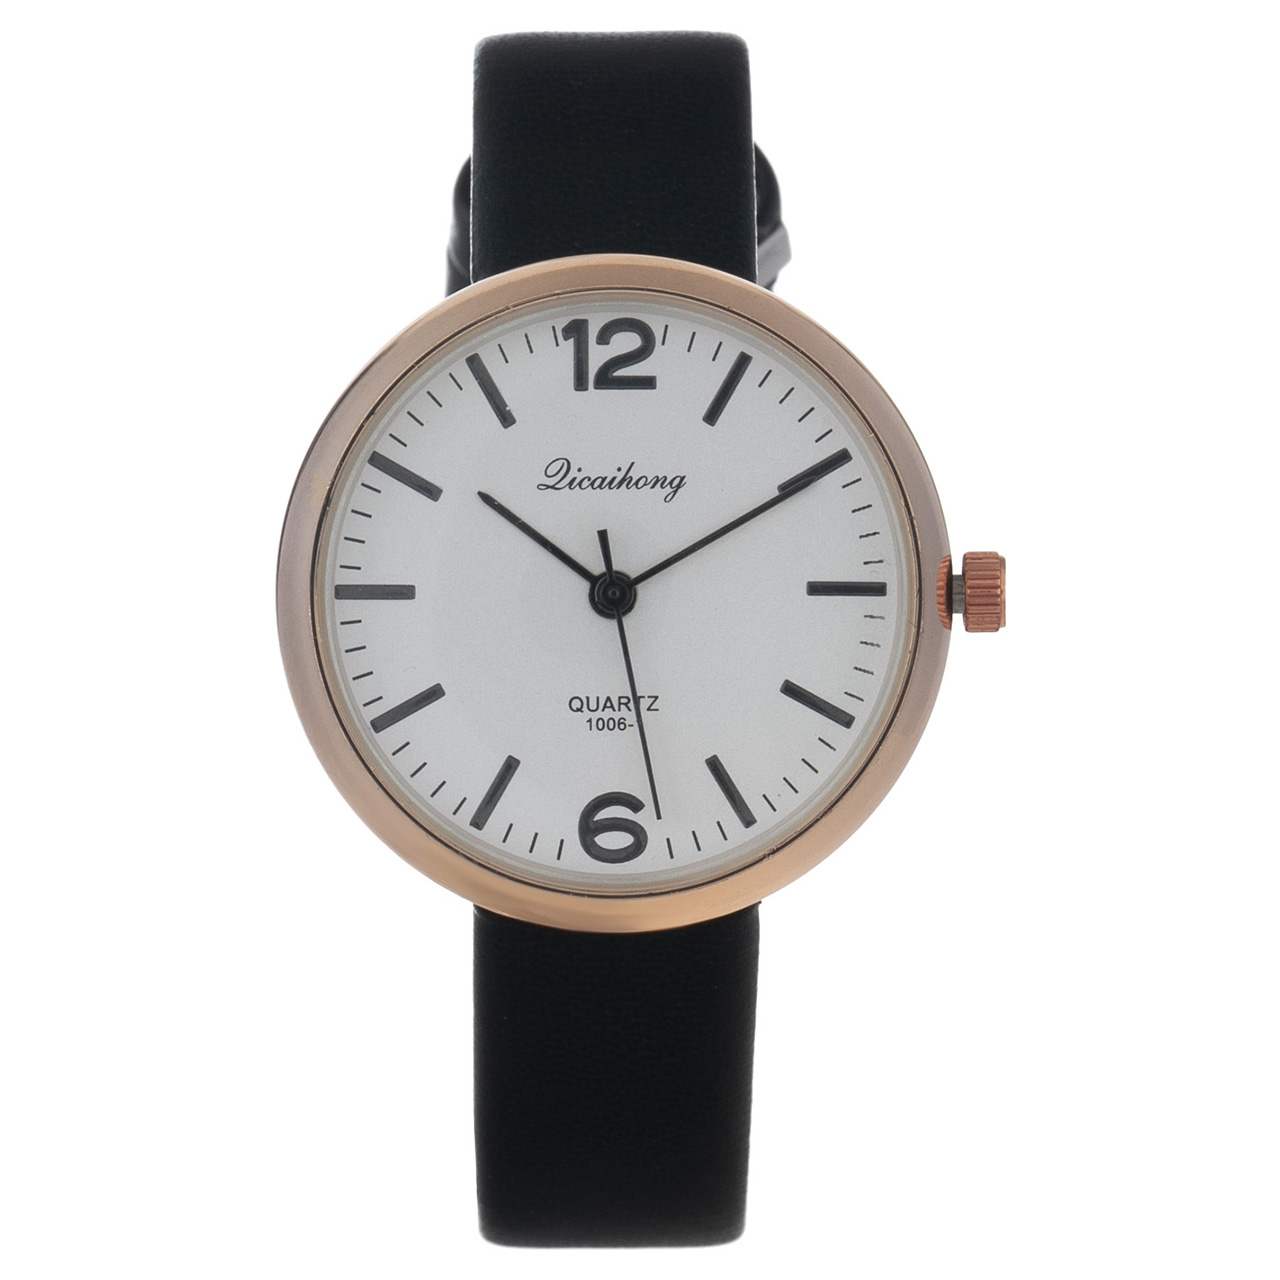 ساعت زنانه برند دیکایهونگ مدل DW1 کد 1006